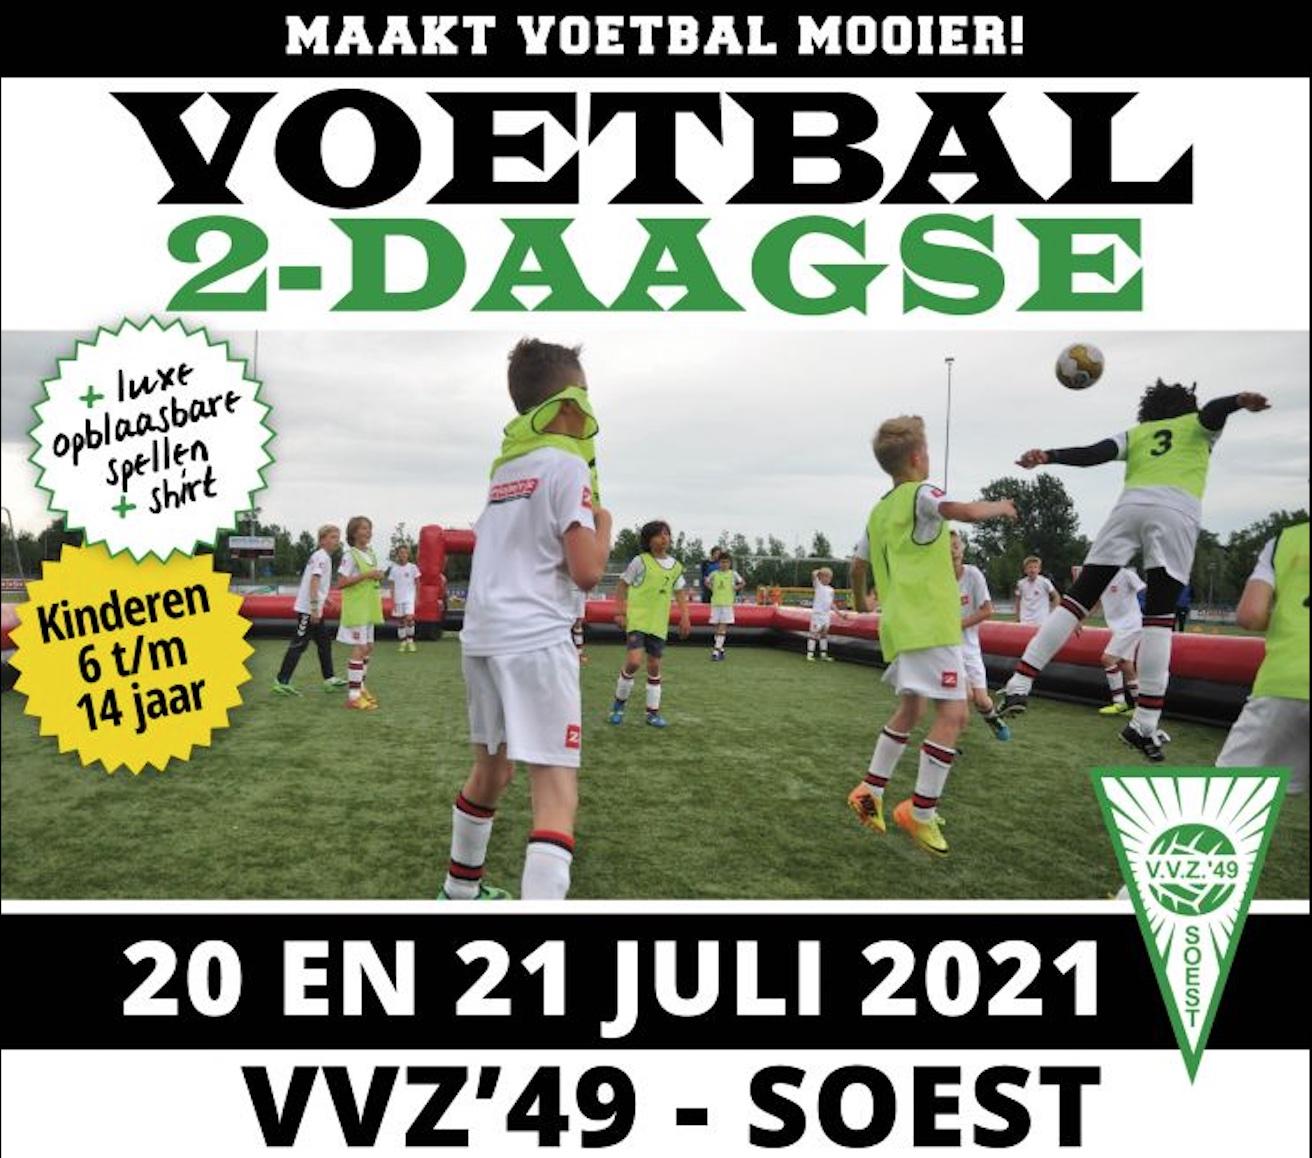 Tweedaags voetbalkamp bij VVZ '49